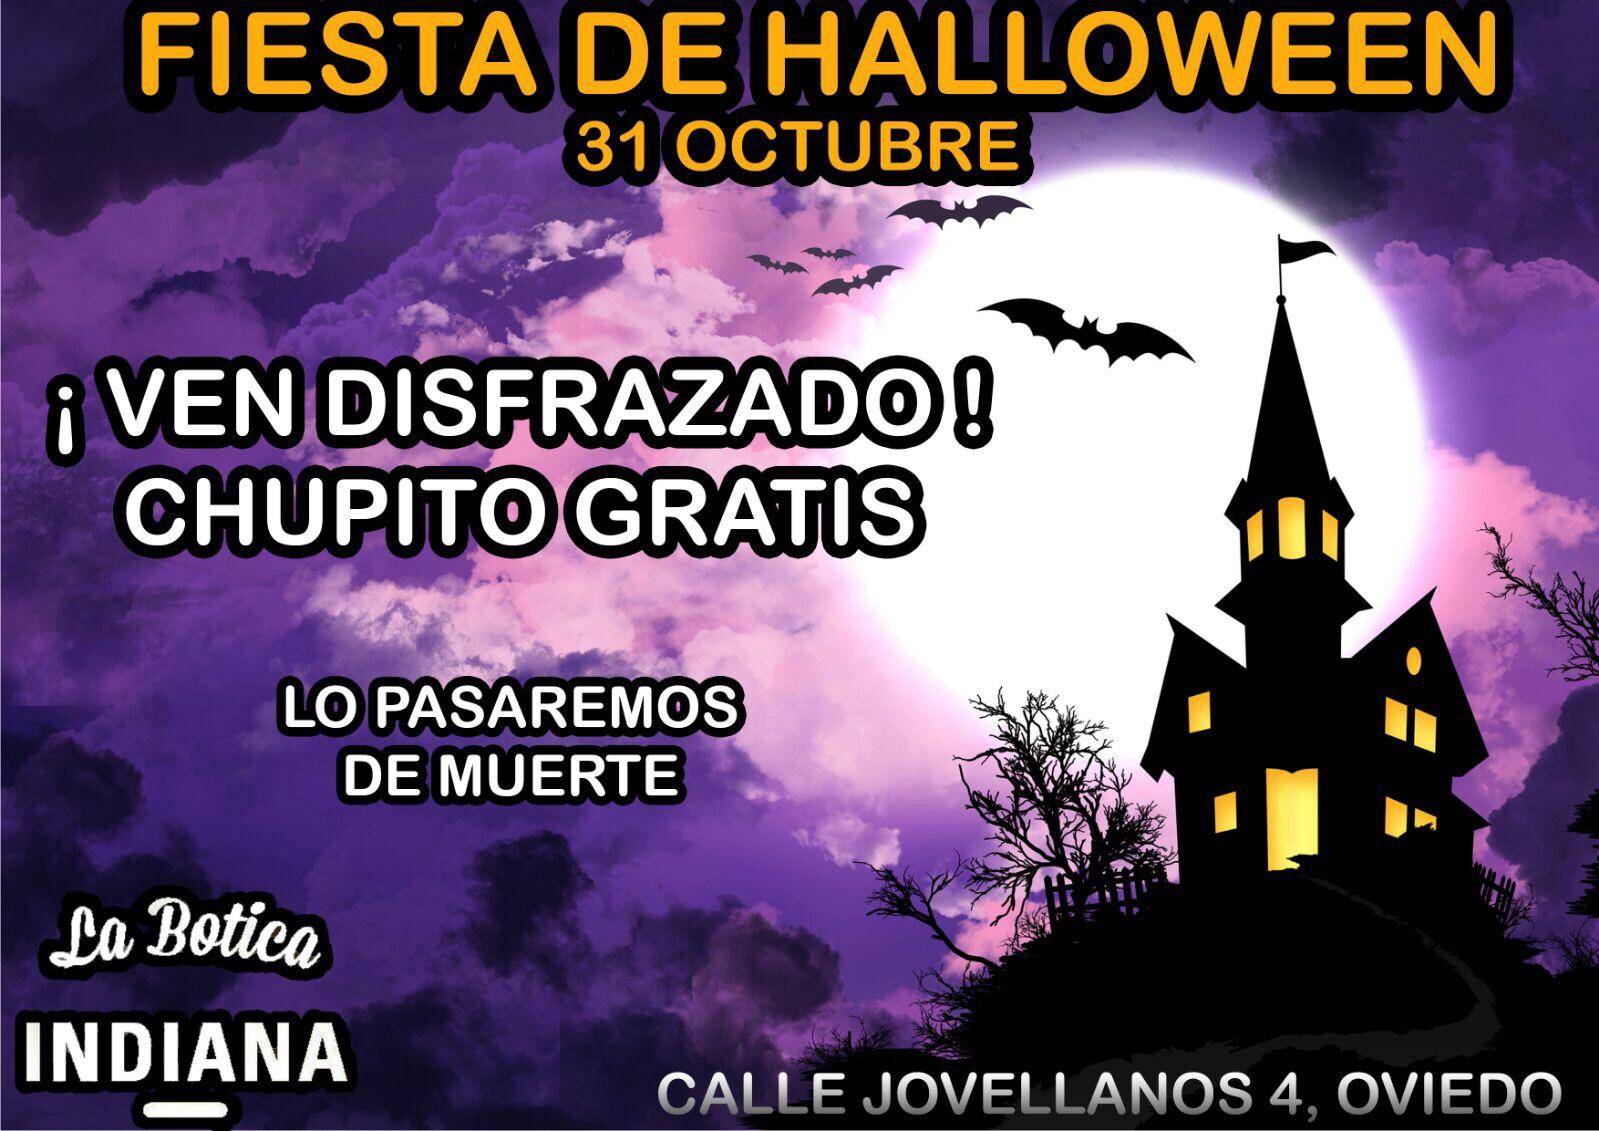 Fiesta de Halloween en La Botica Indiana de la calle Jovellanos de Oviedo